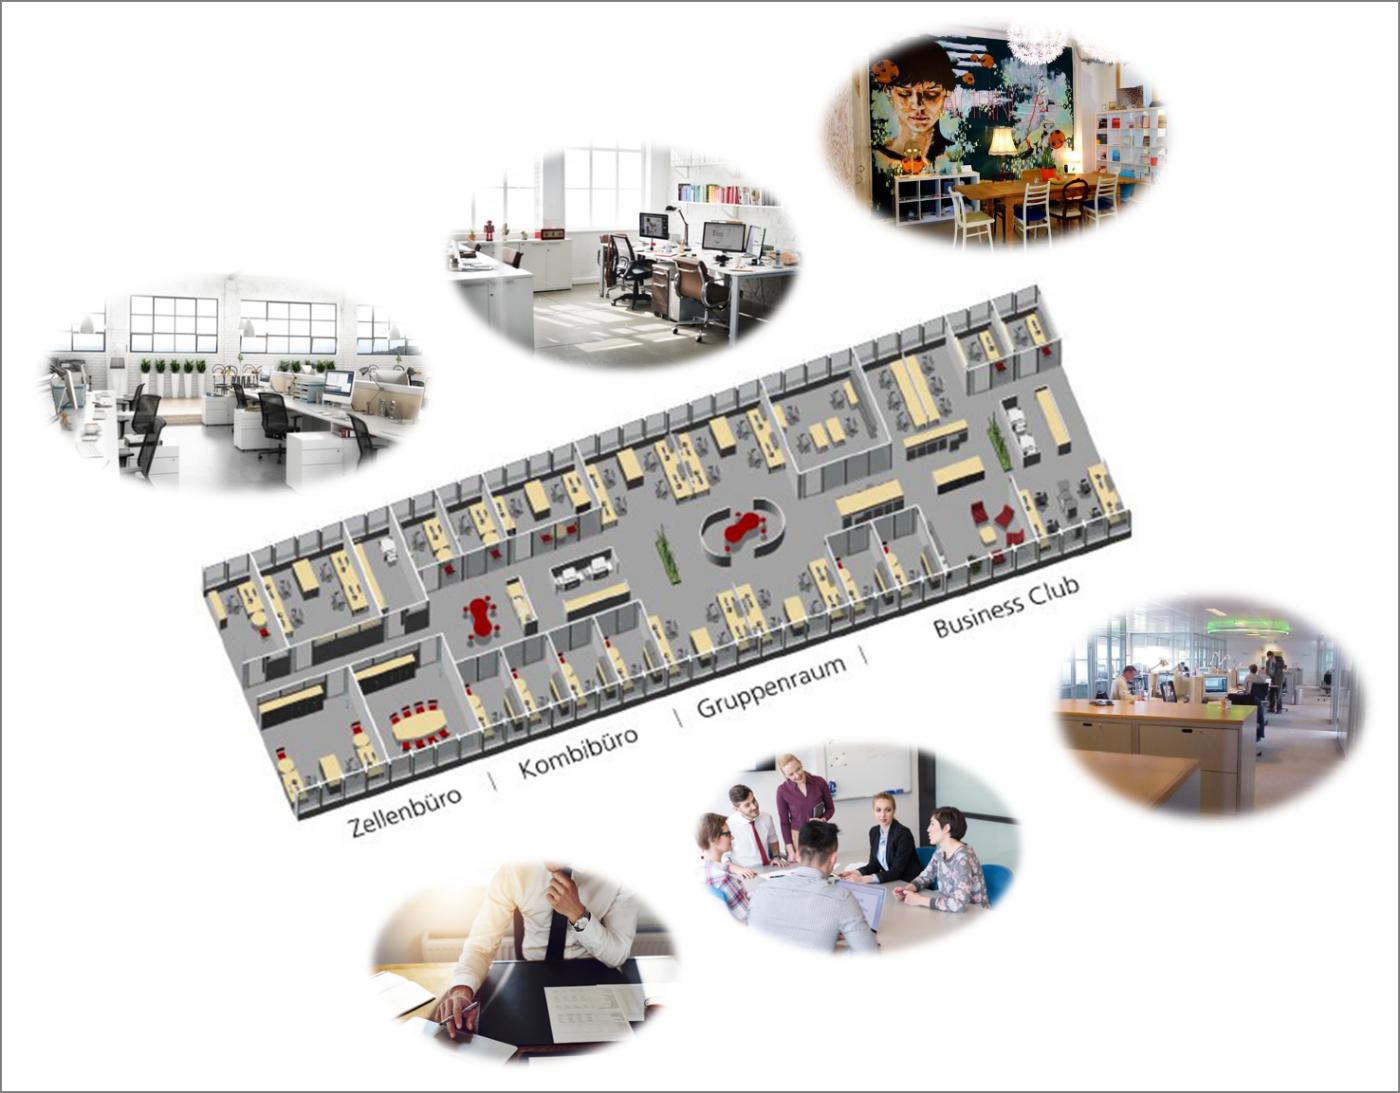 moderne burokonzepte grundriss, arbeitswelten verändern sich – kreativitätsarchitekturen, Design ideen